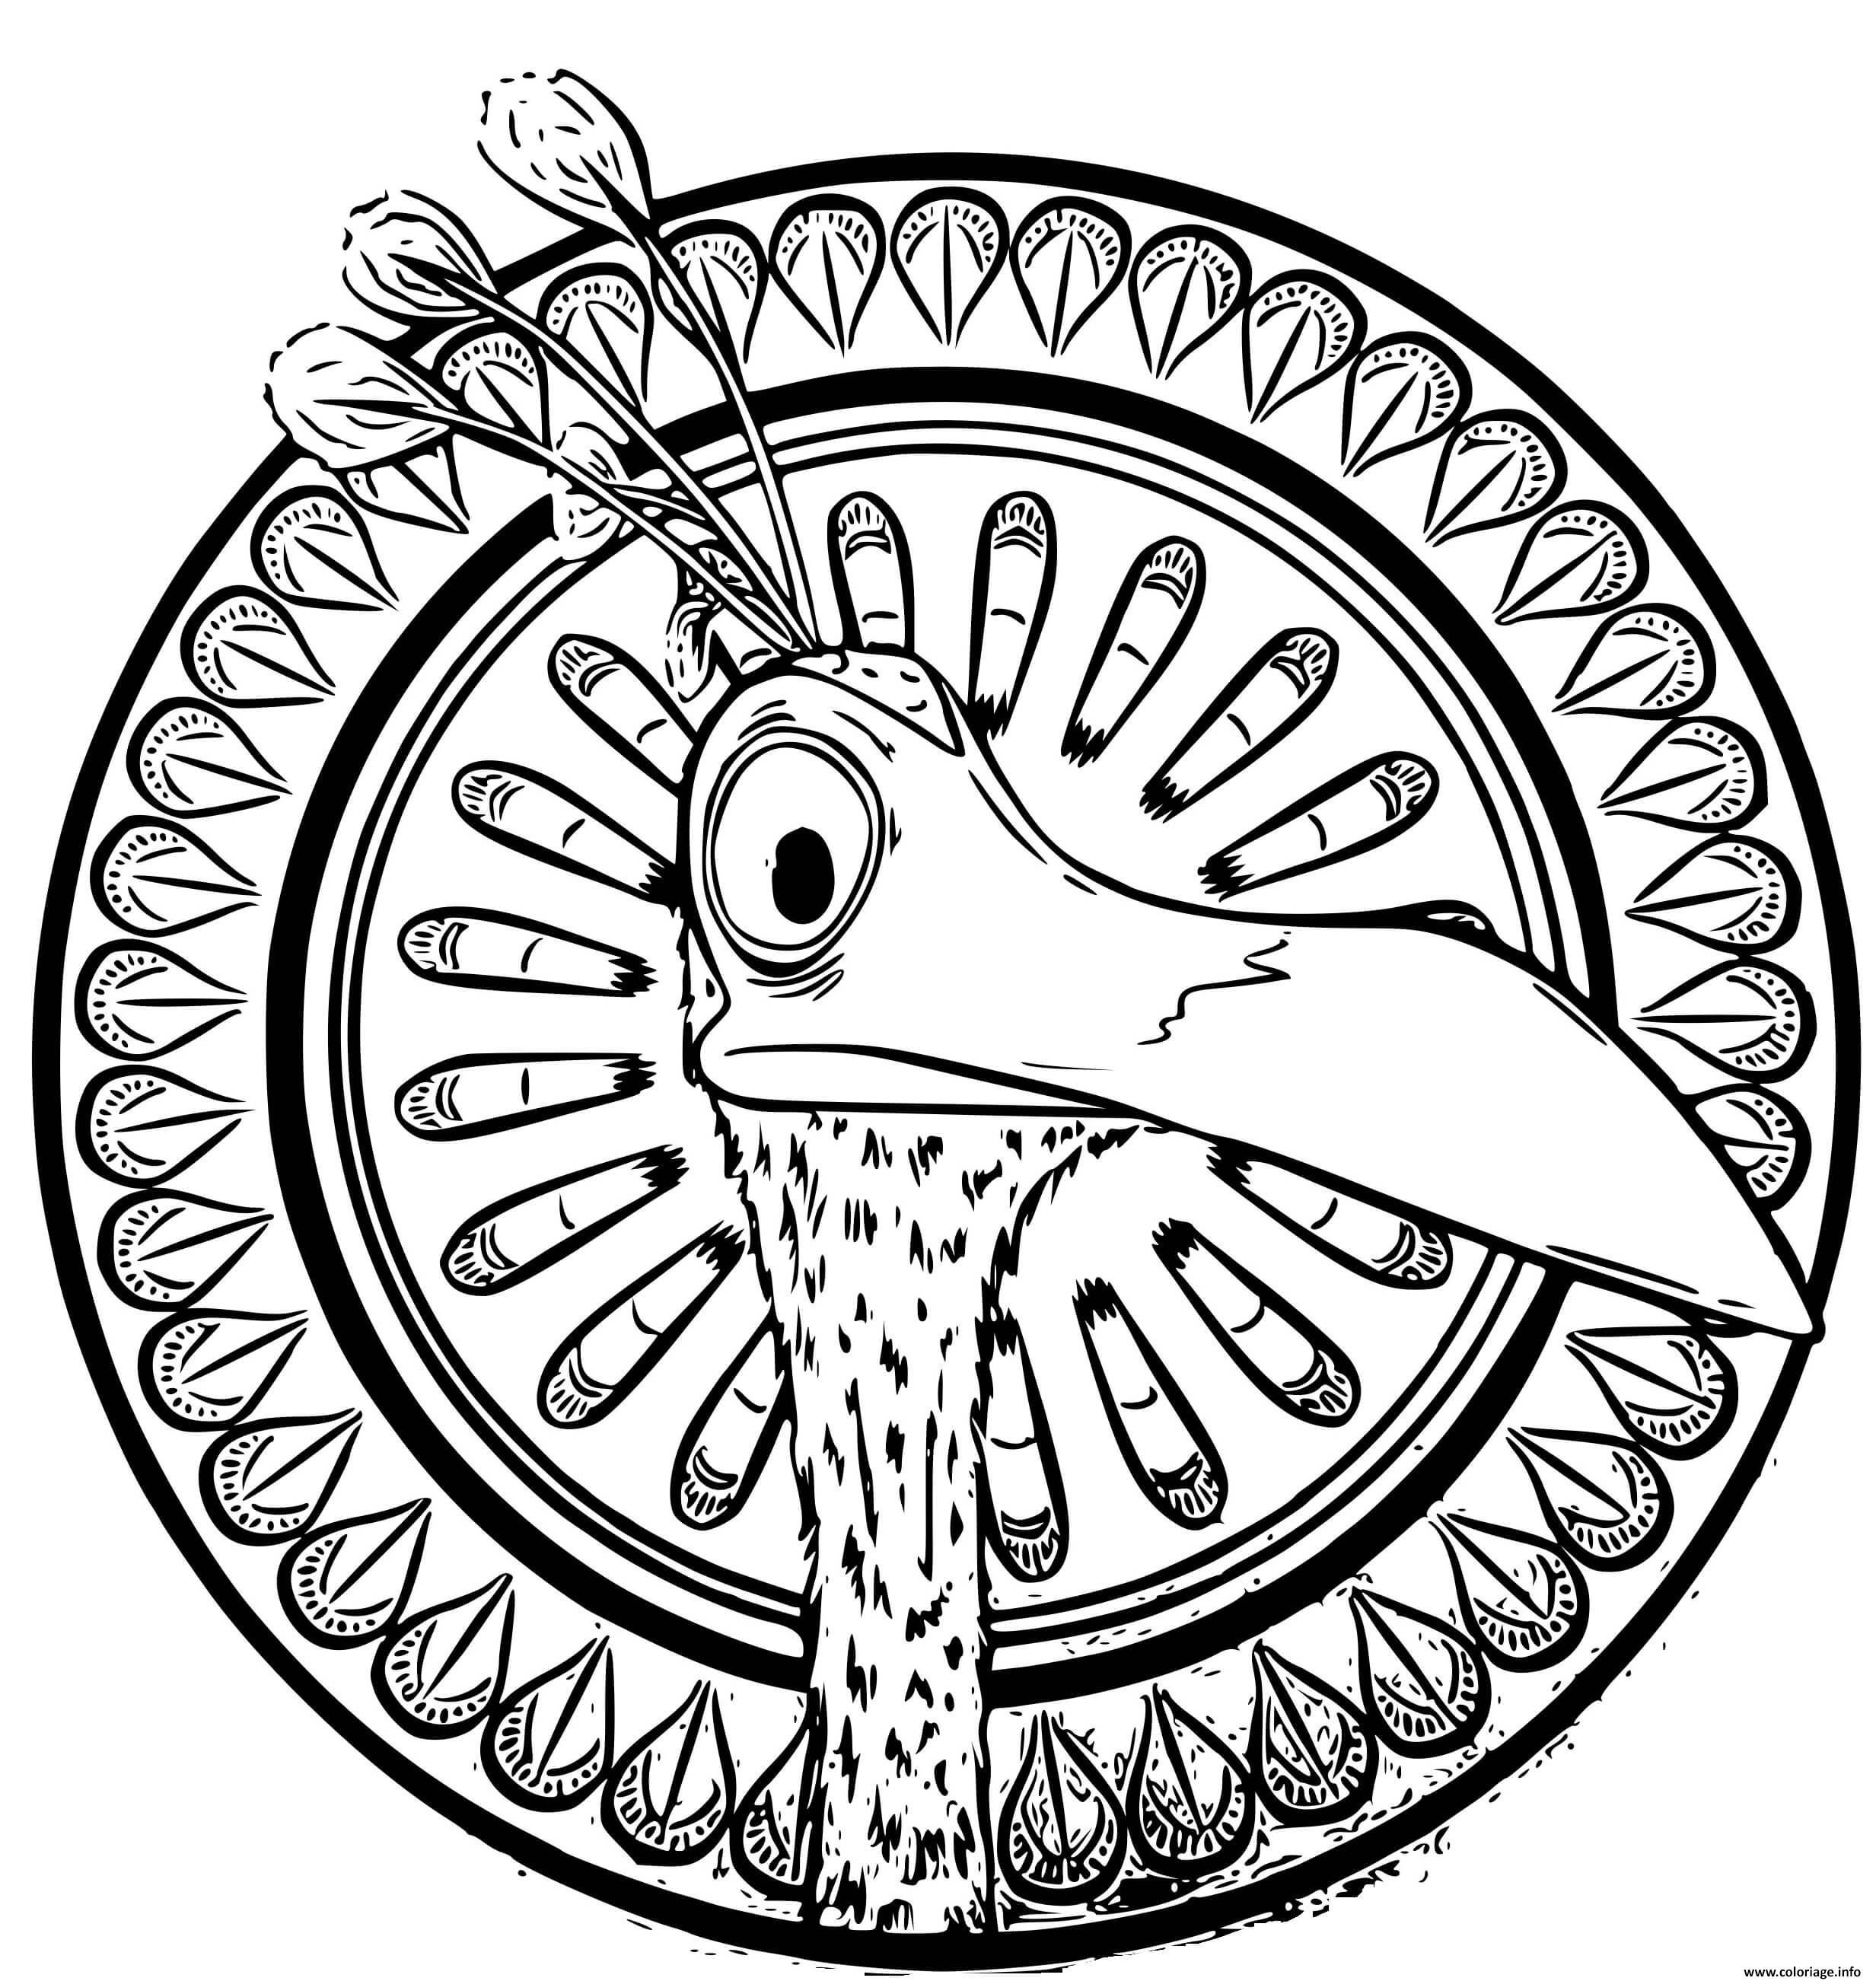 Dessin animal oiseau disney mandala Coloriage Gratuit à Imprimer